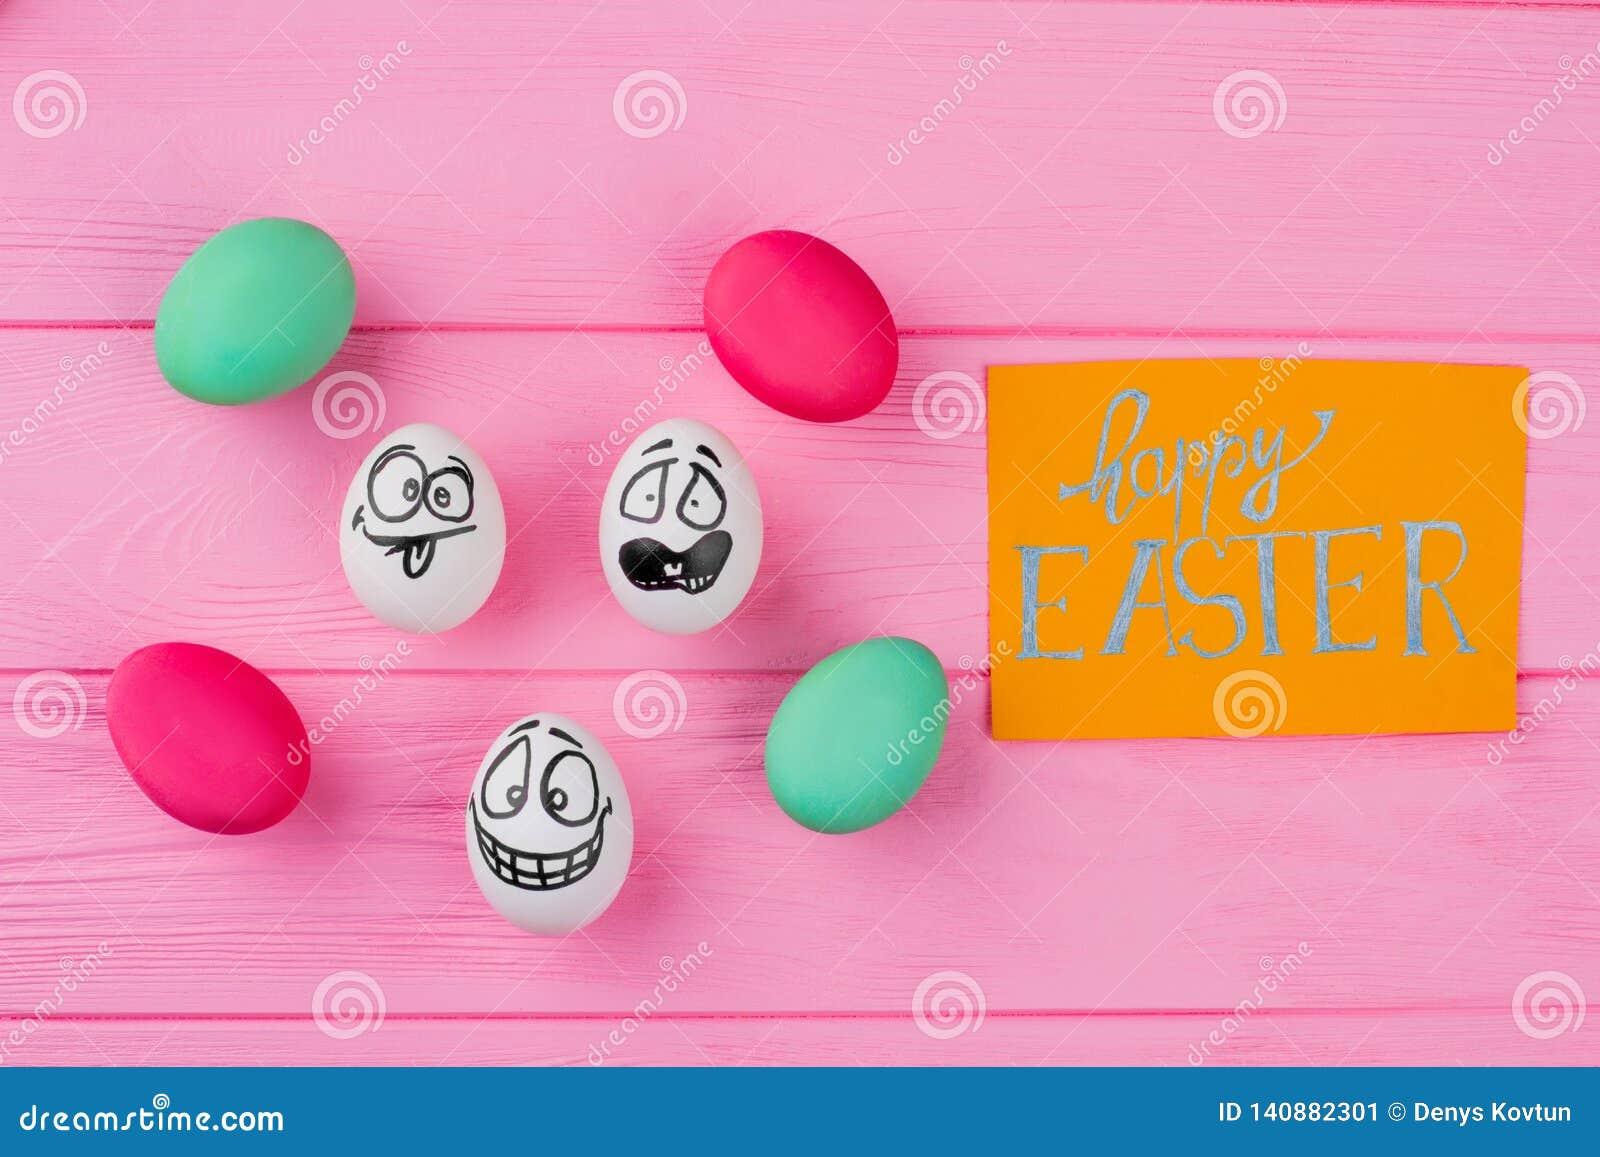 Glücklicher Ostern-Hintergrund mit verschiedenen Eiern